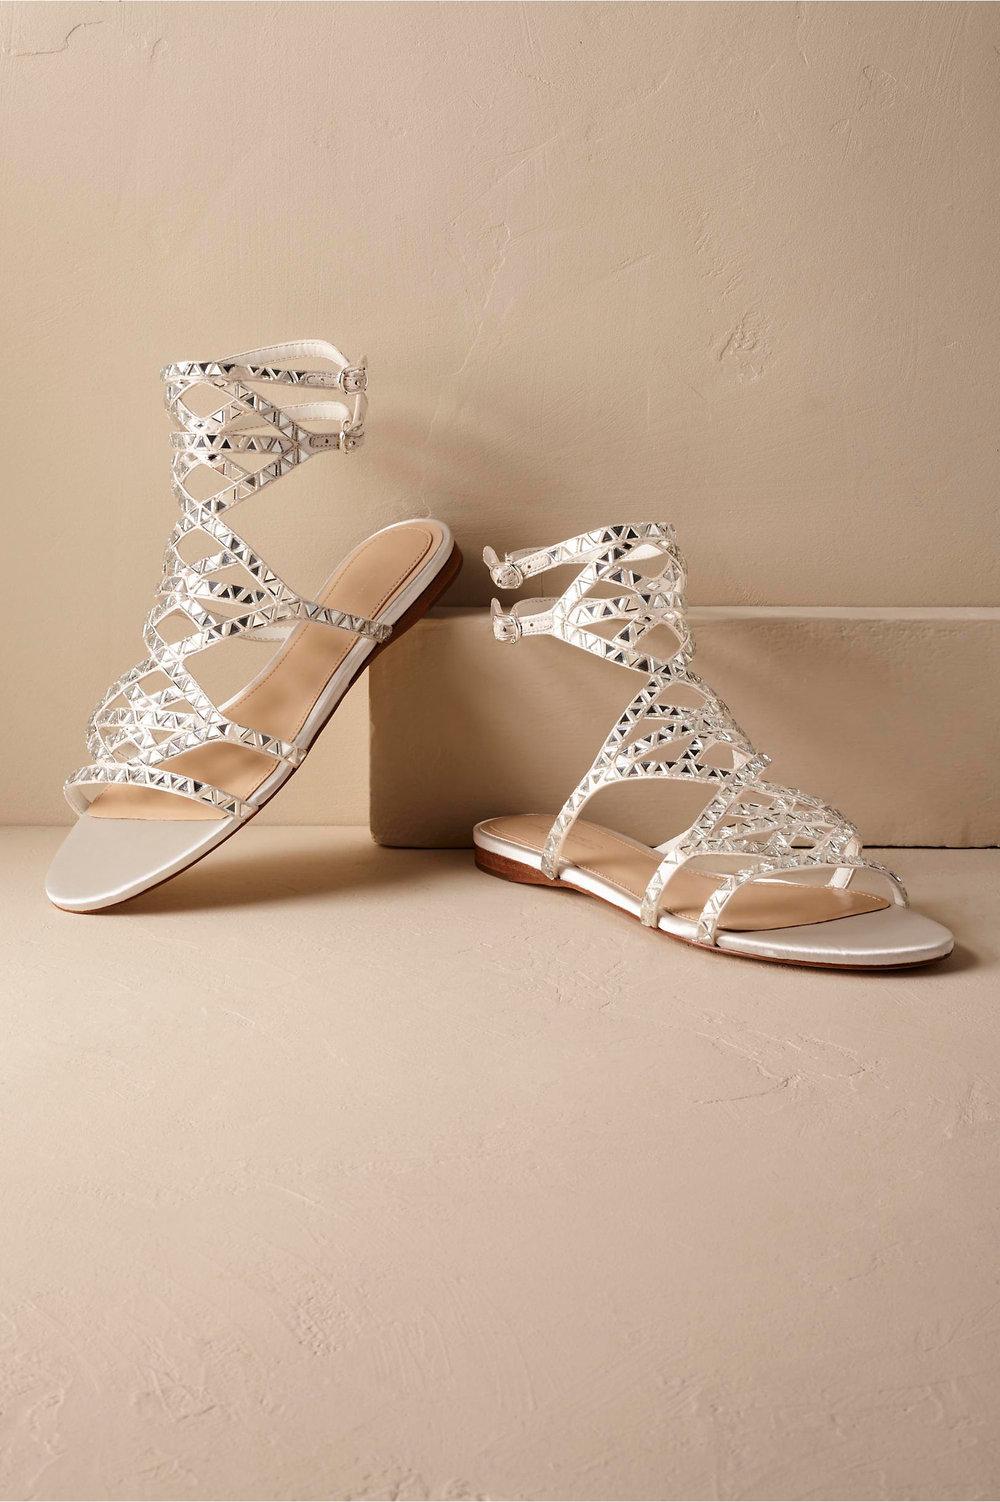 Claretta Sandals $165